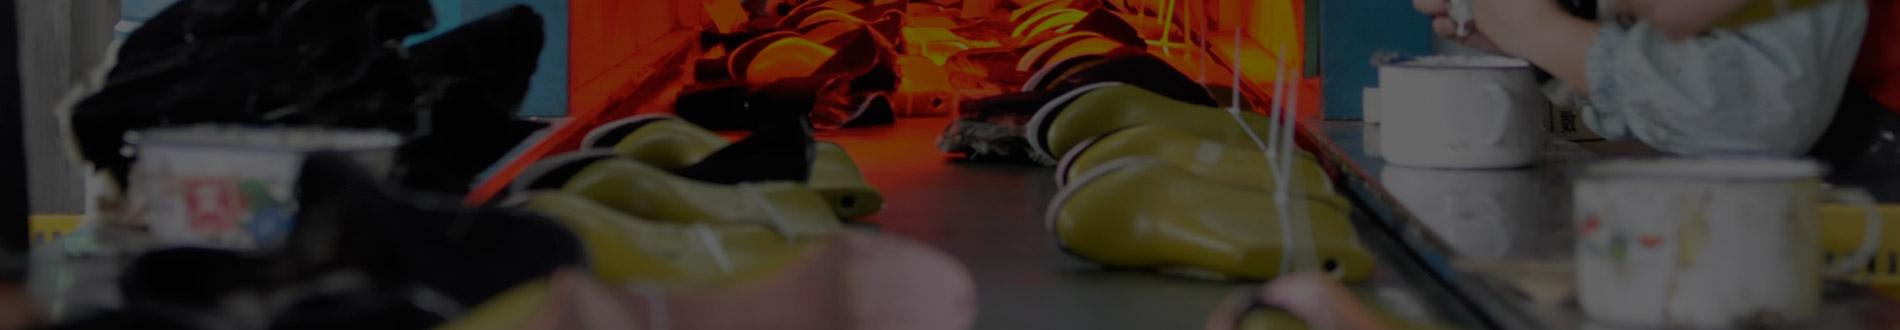 Footwear Testing & Quality Control | QIMA